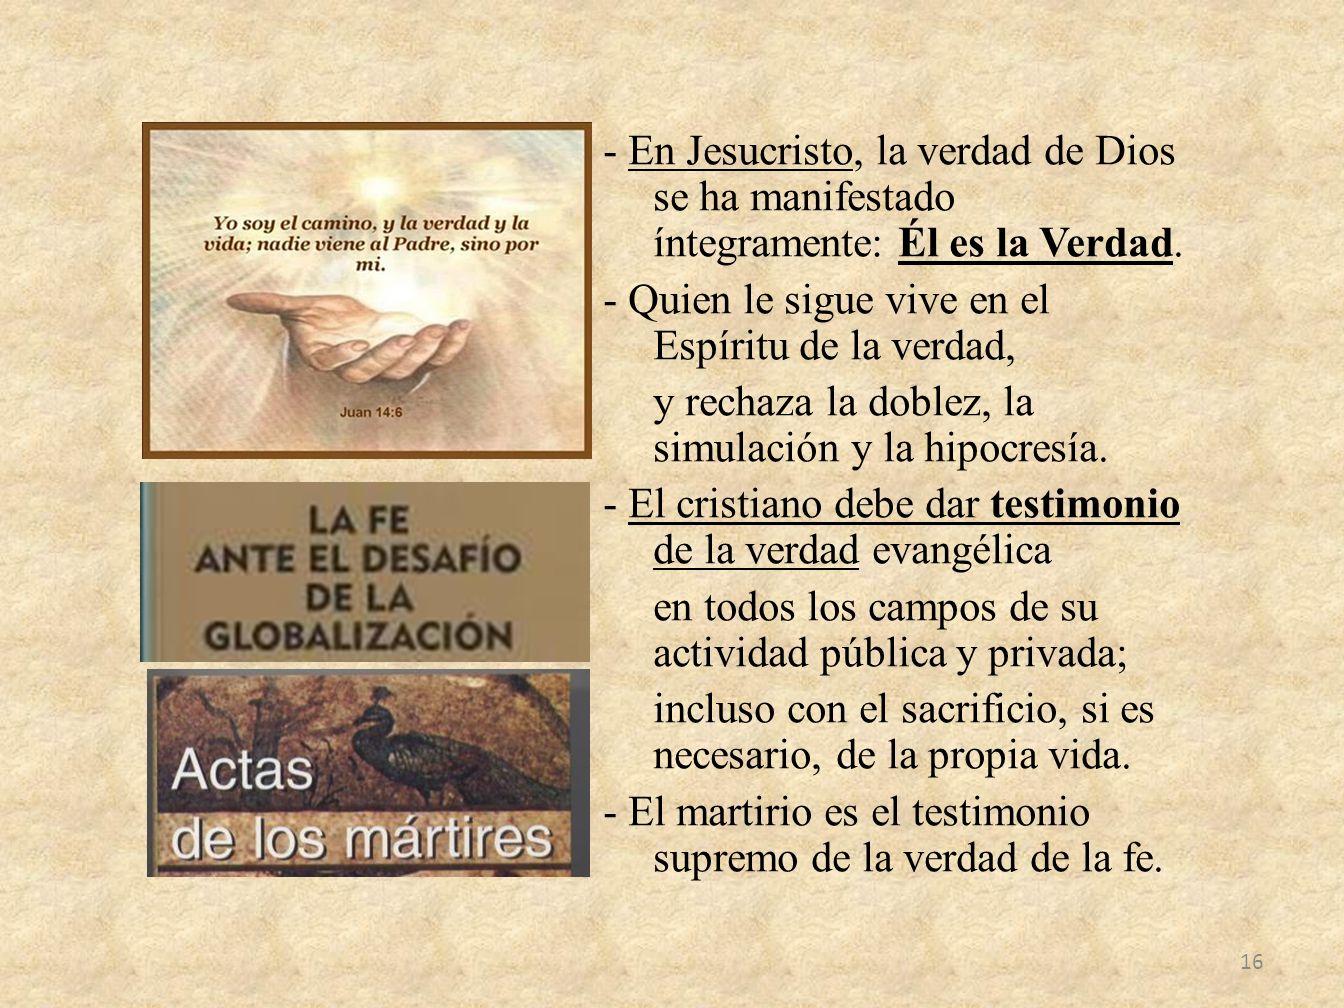 - En Jesucristo, la verdad de Dios se ha manifestado íntegramente: Él es la Verdad. - Quien le sigue vive en el Espíritu de la verdad, y rechaza la do